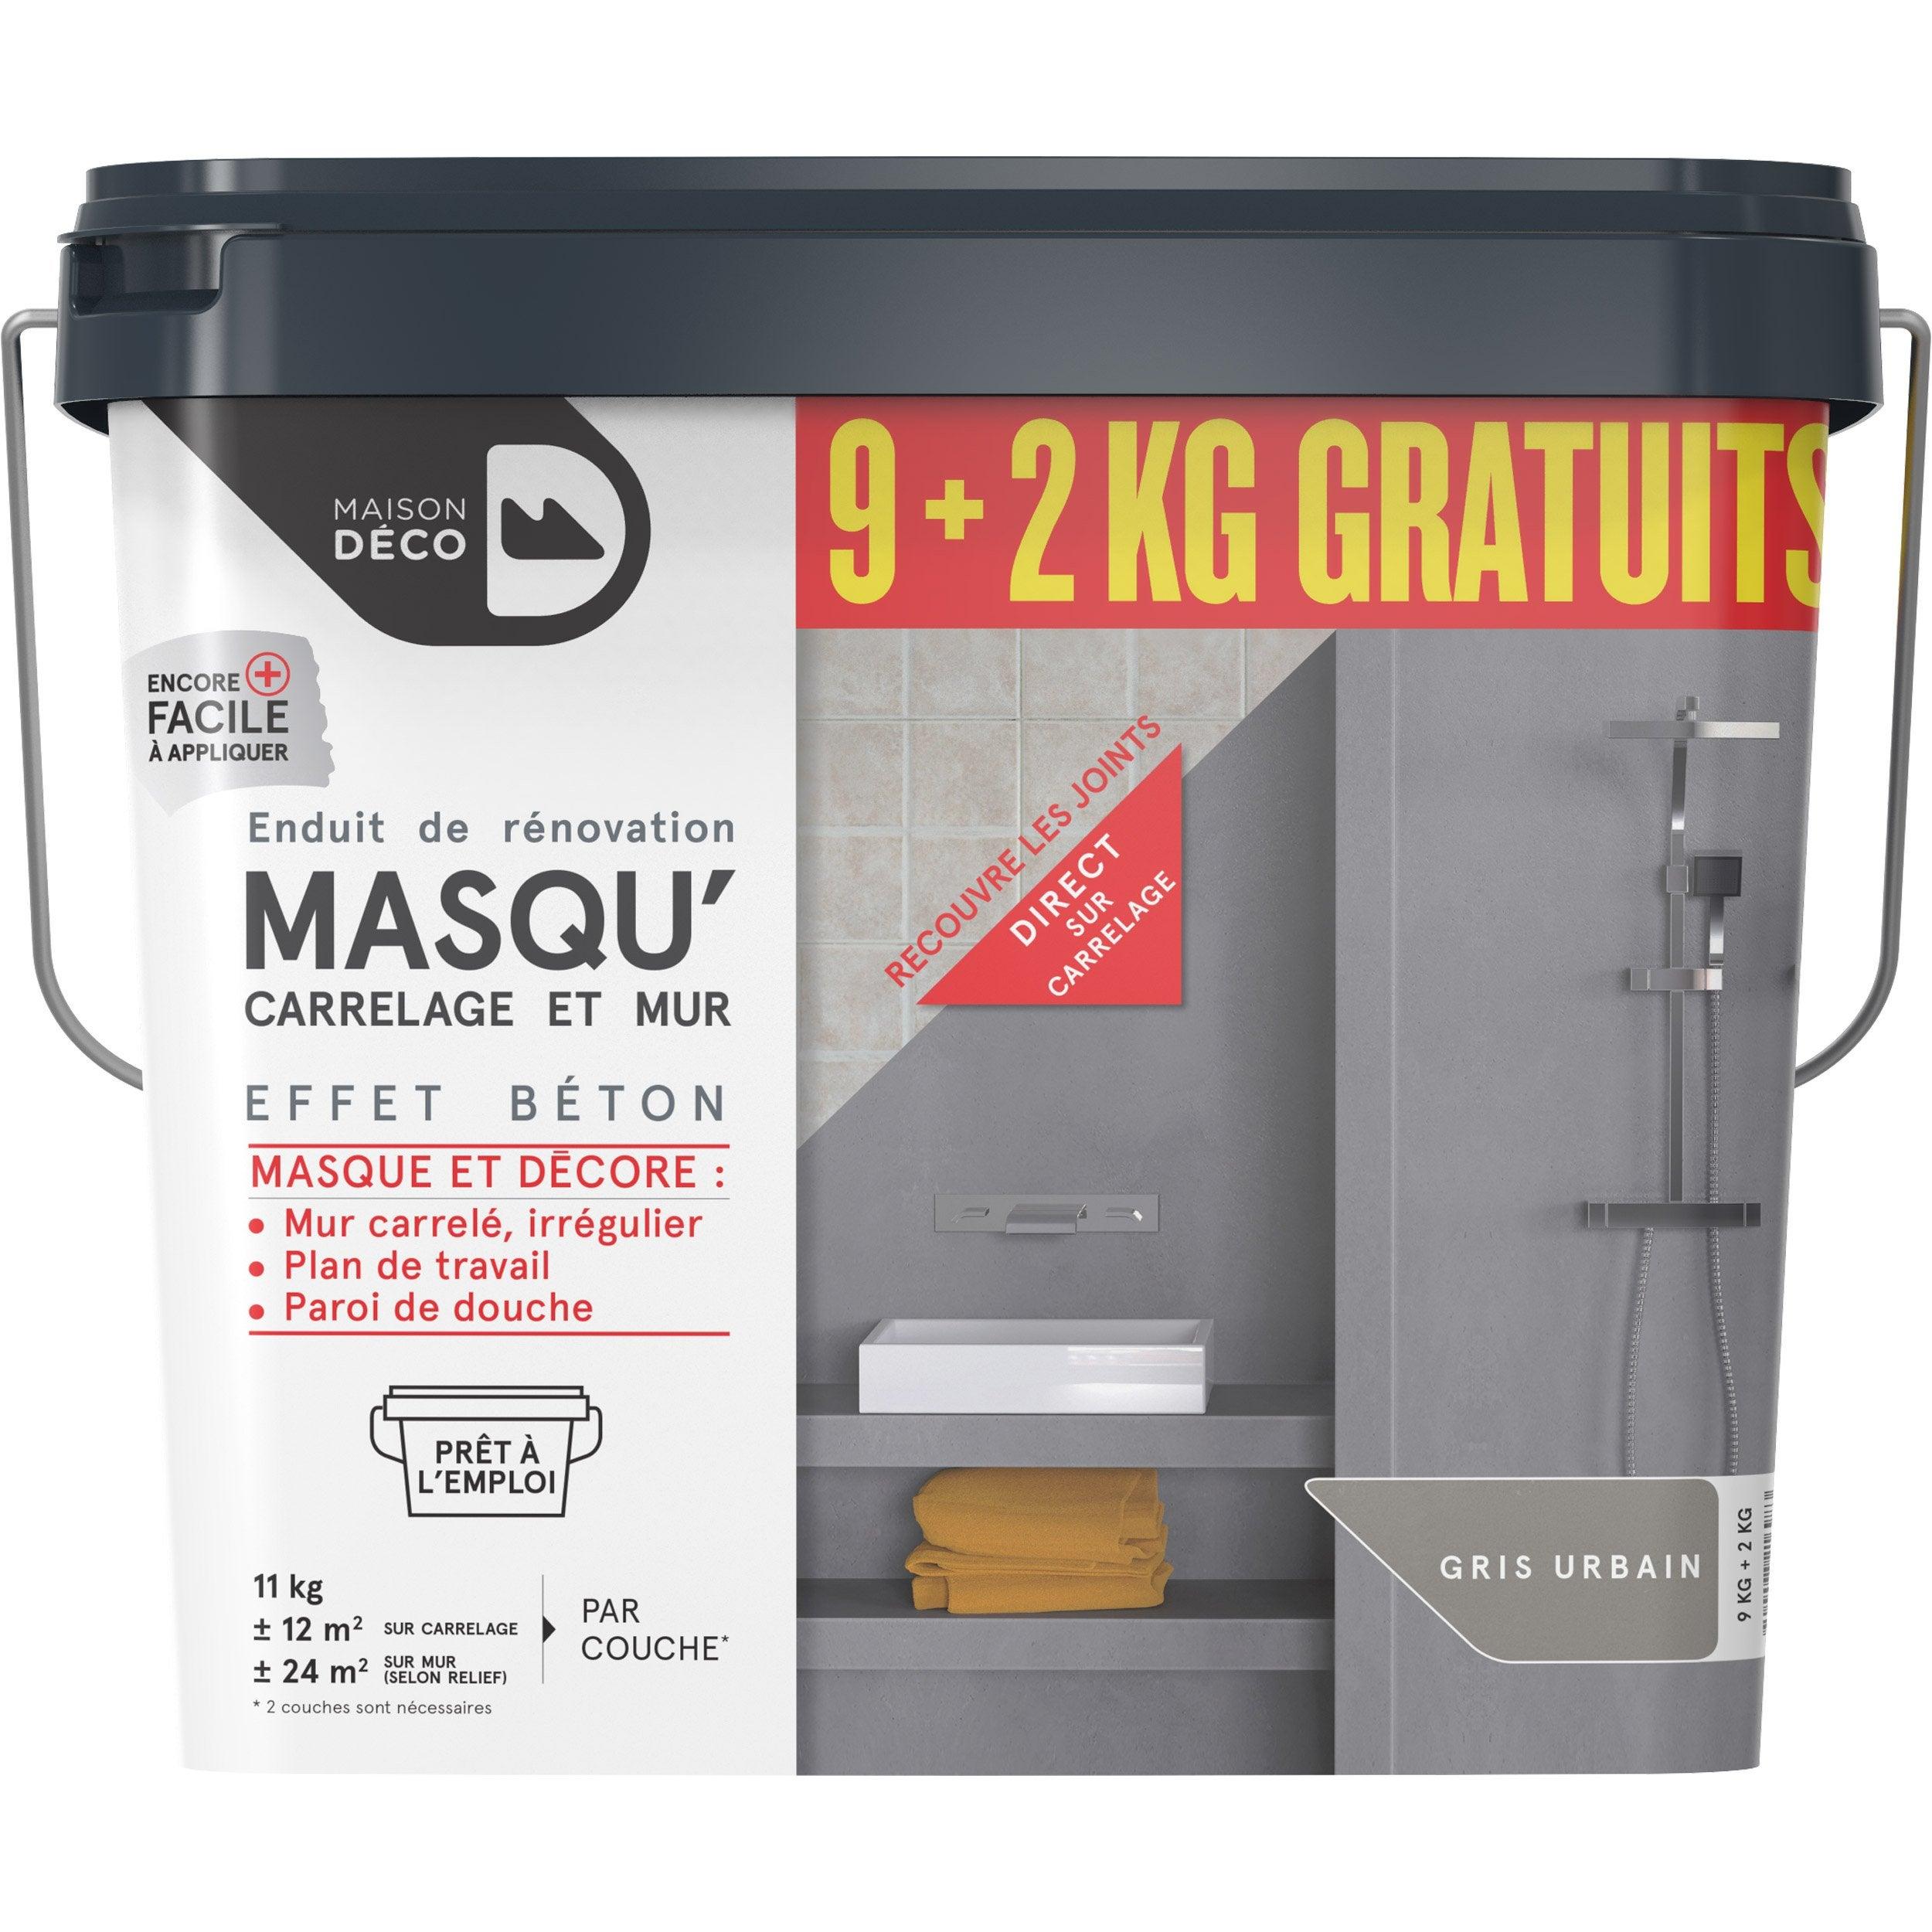 Enduit décoratif Masqu'carrelage et mur MAISON DECO, galet, 11 kg | Leroy Merlin